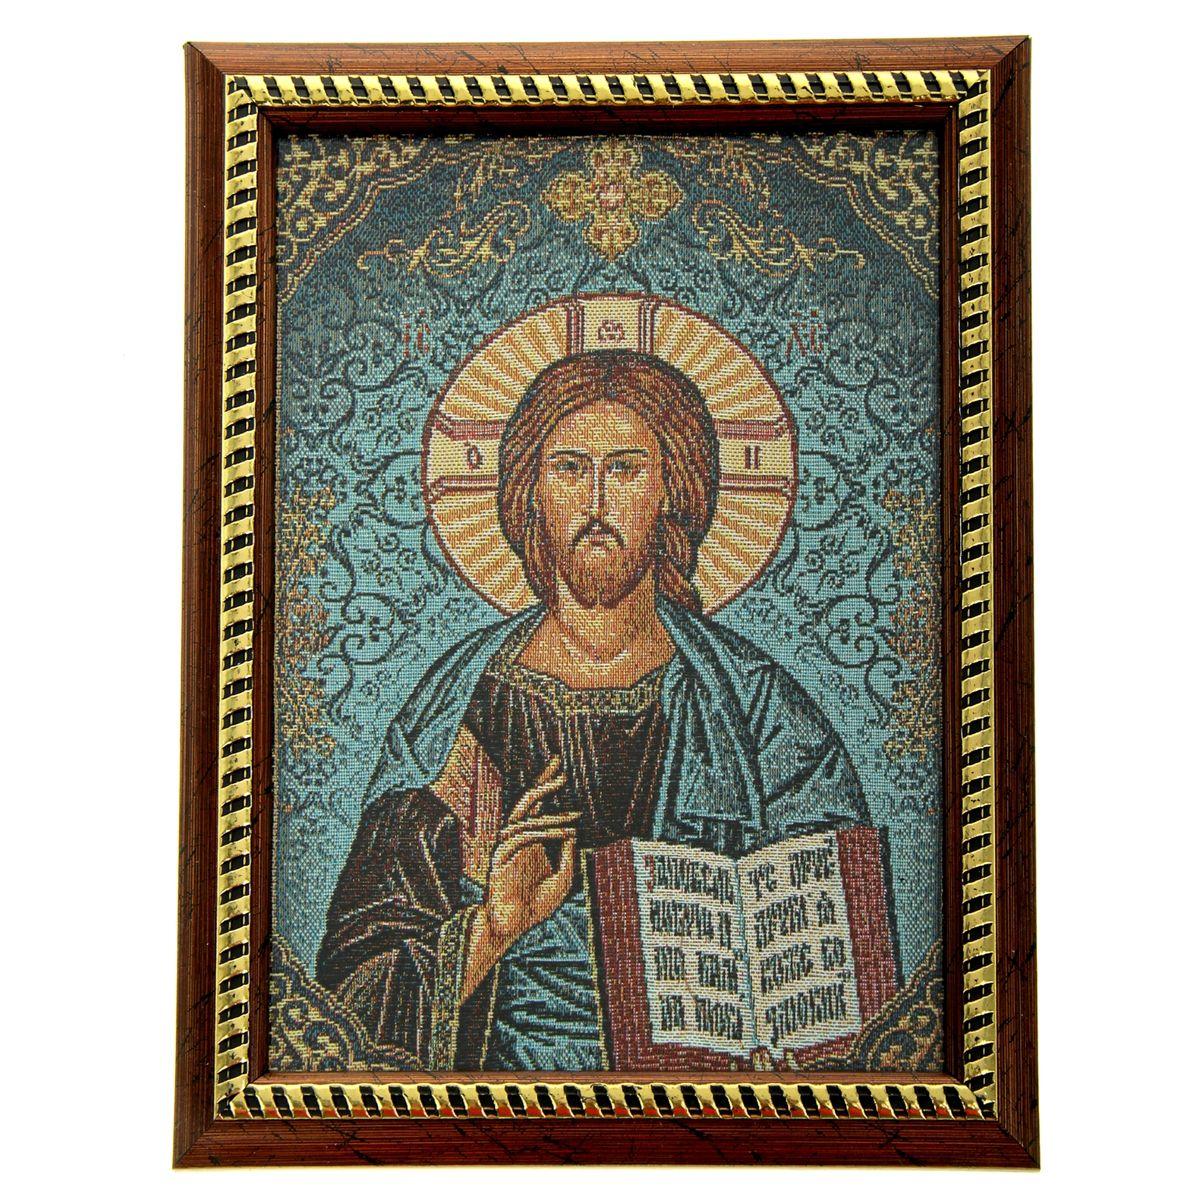 Икона в рамке Господь Вседержитель, 21 см х 27,5 см137006Икона Господь Вседержитель представляет собой святое изображение, вытканное на ткани и вставленное в деревянную рамку со стеклом. На обратной стороне иконы есть подставка, поэтому удобно располагать такую икону на столе. Икона полностью соответствует канонам Русской Православной Церкви. Икона выглядит по-настоящему богатой. Такая икона будет прекрасным подарком с духовной составляющей.